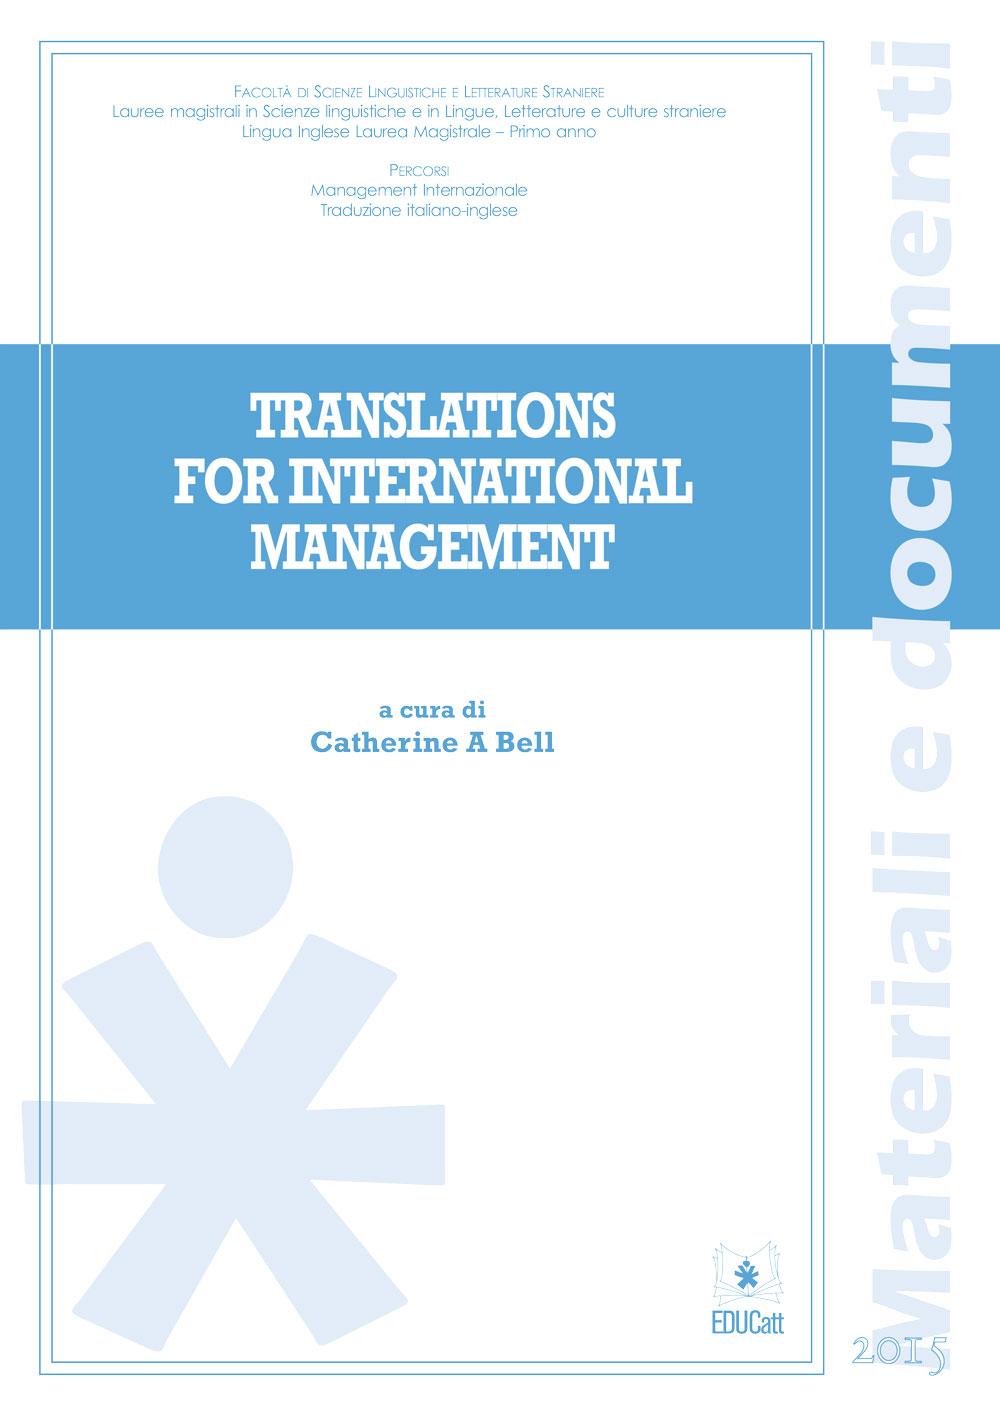 TRANSLATIONS FOR INTERNATIONAL MANAGEMENT